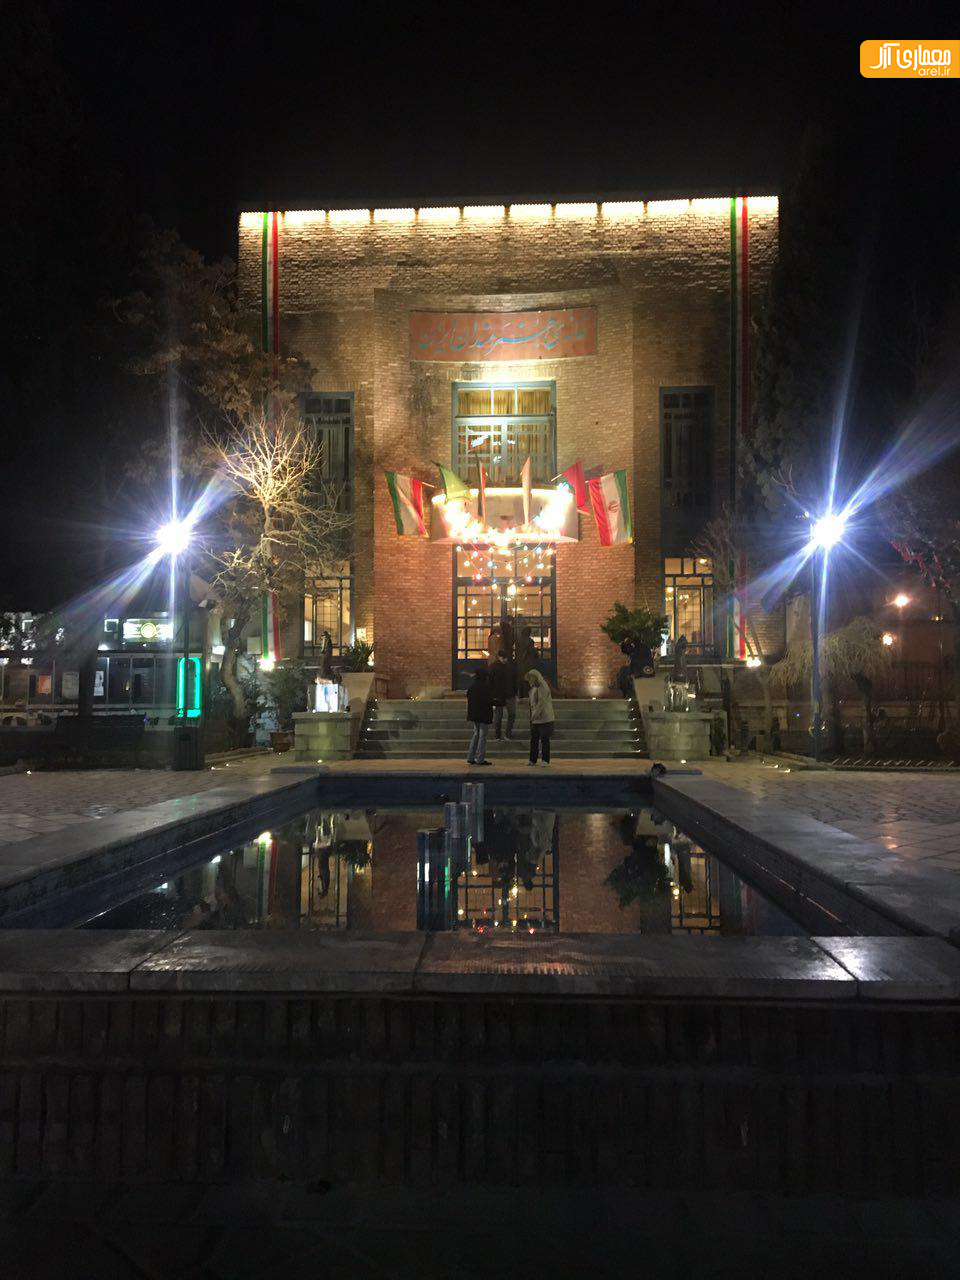 شنبه های نگاه آرل به تهران: خانه هنرمندان ایران